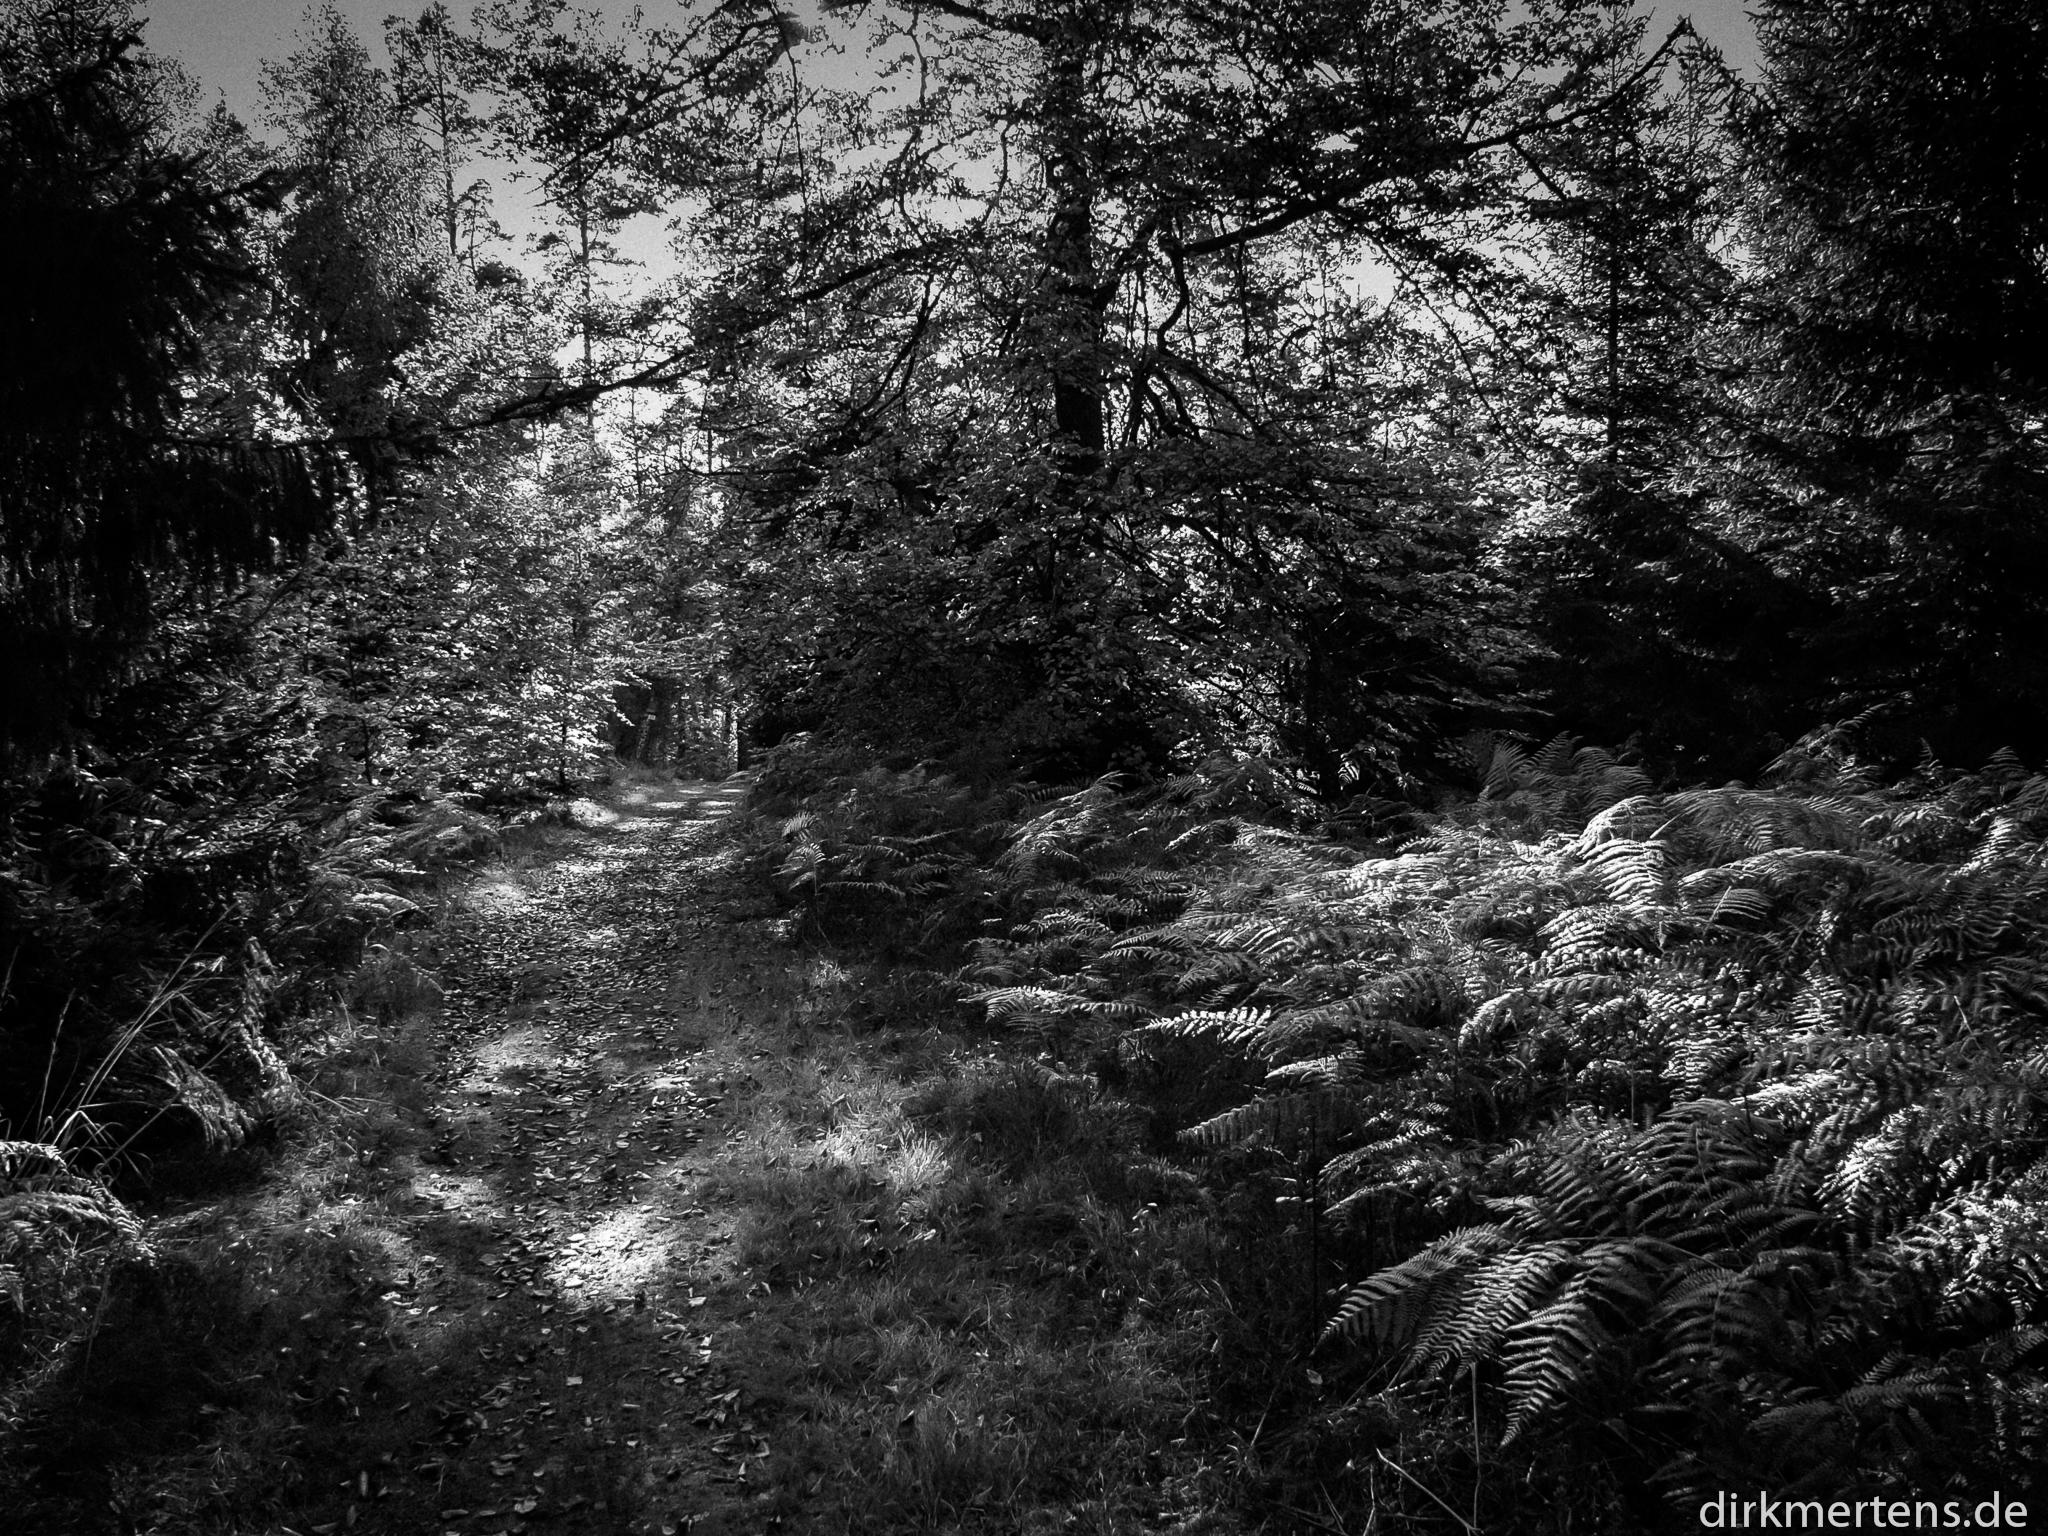 Lichtspiele im Wald